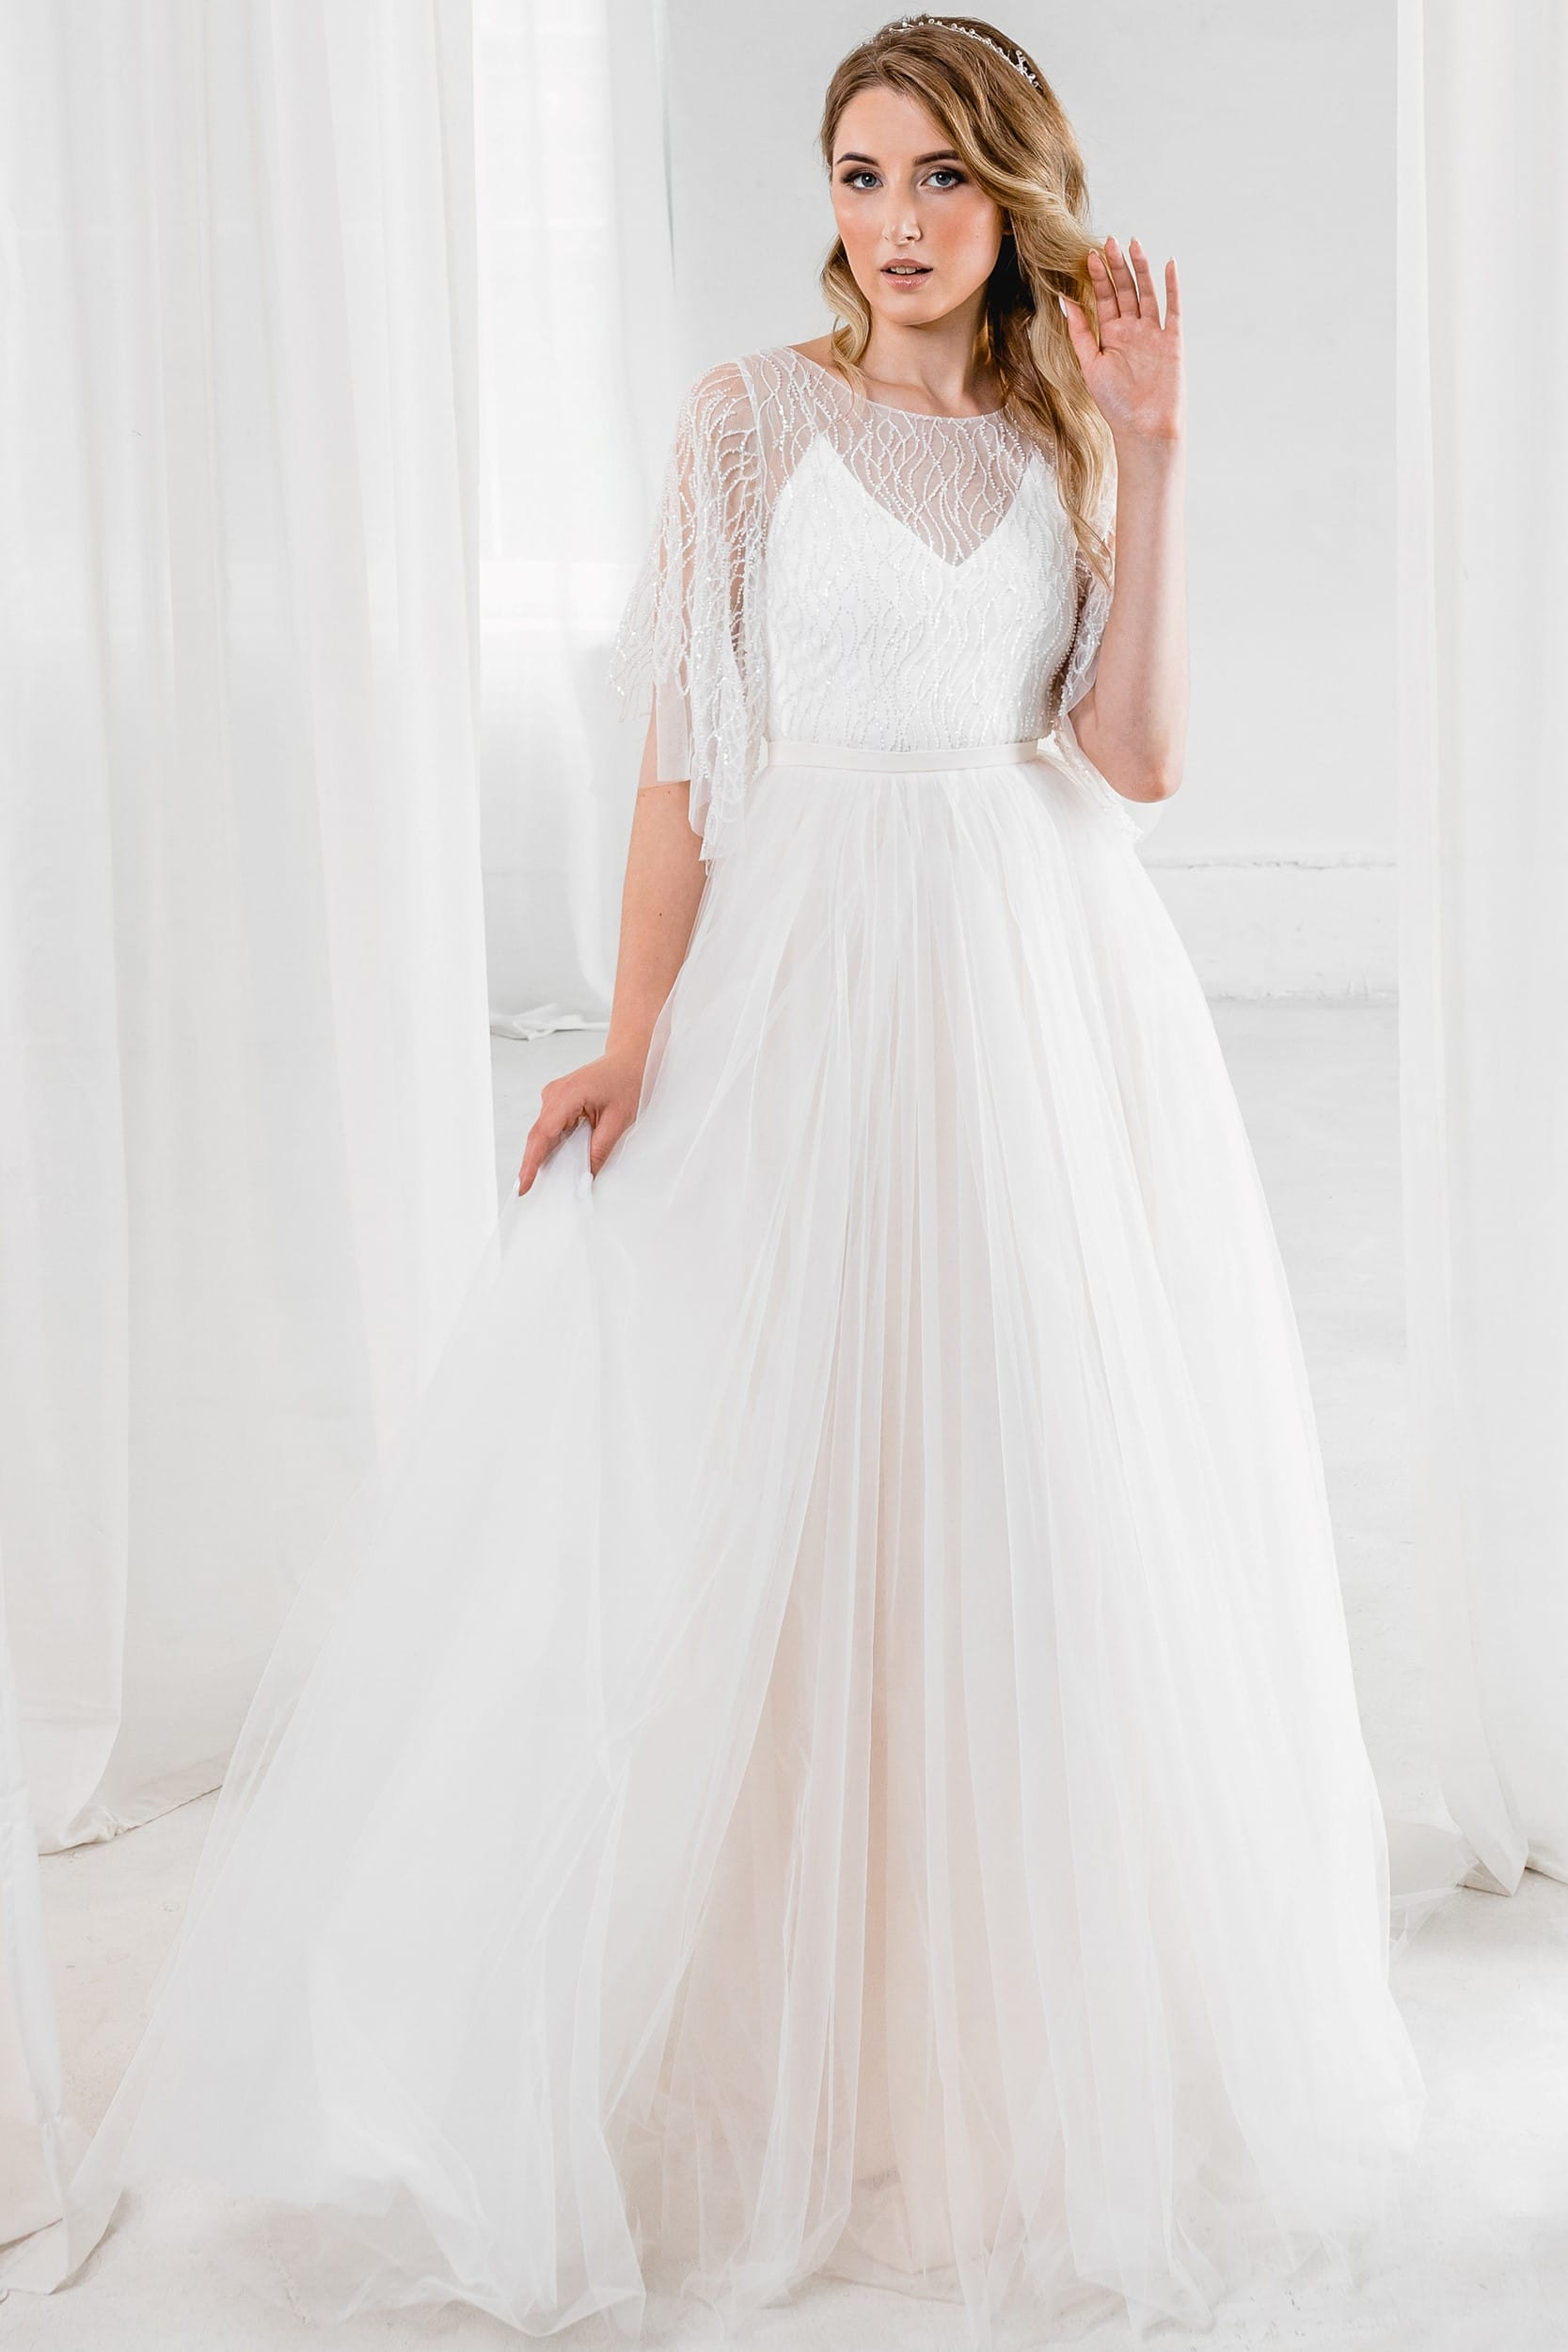 Рустик свадебное платье. Прозрачное декольте и рукава. Пышный силуэт. Цвет песочный